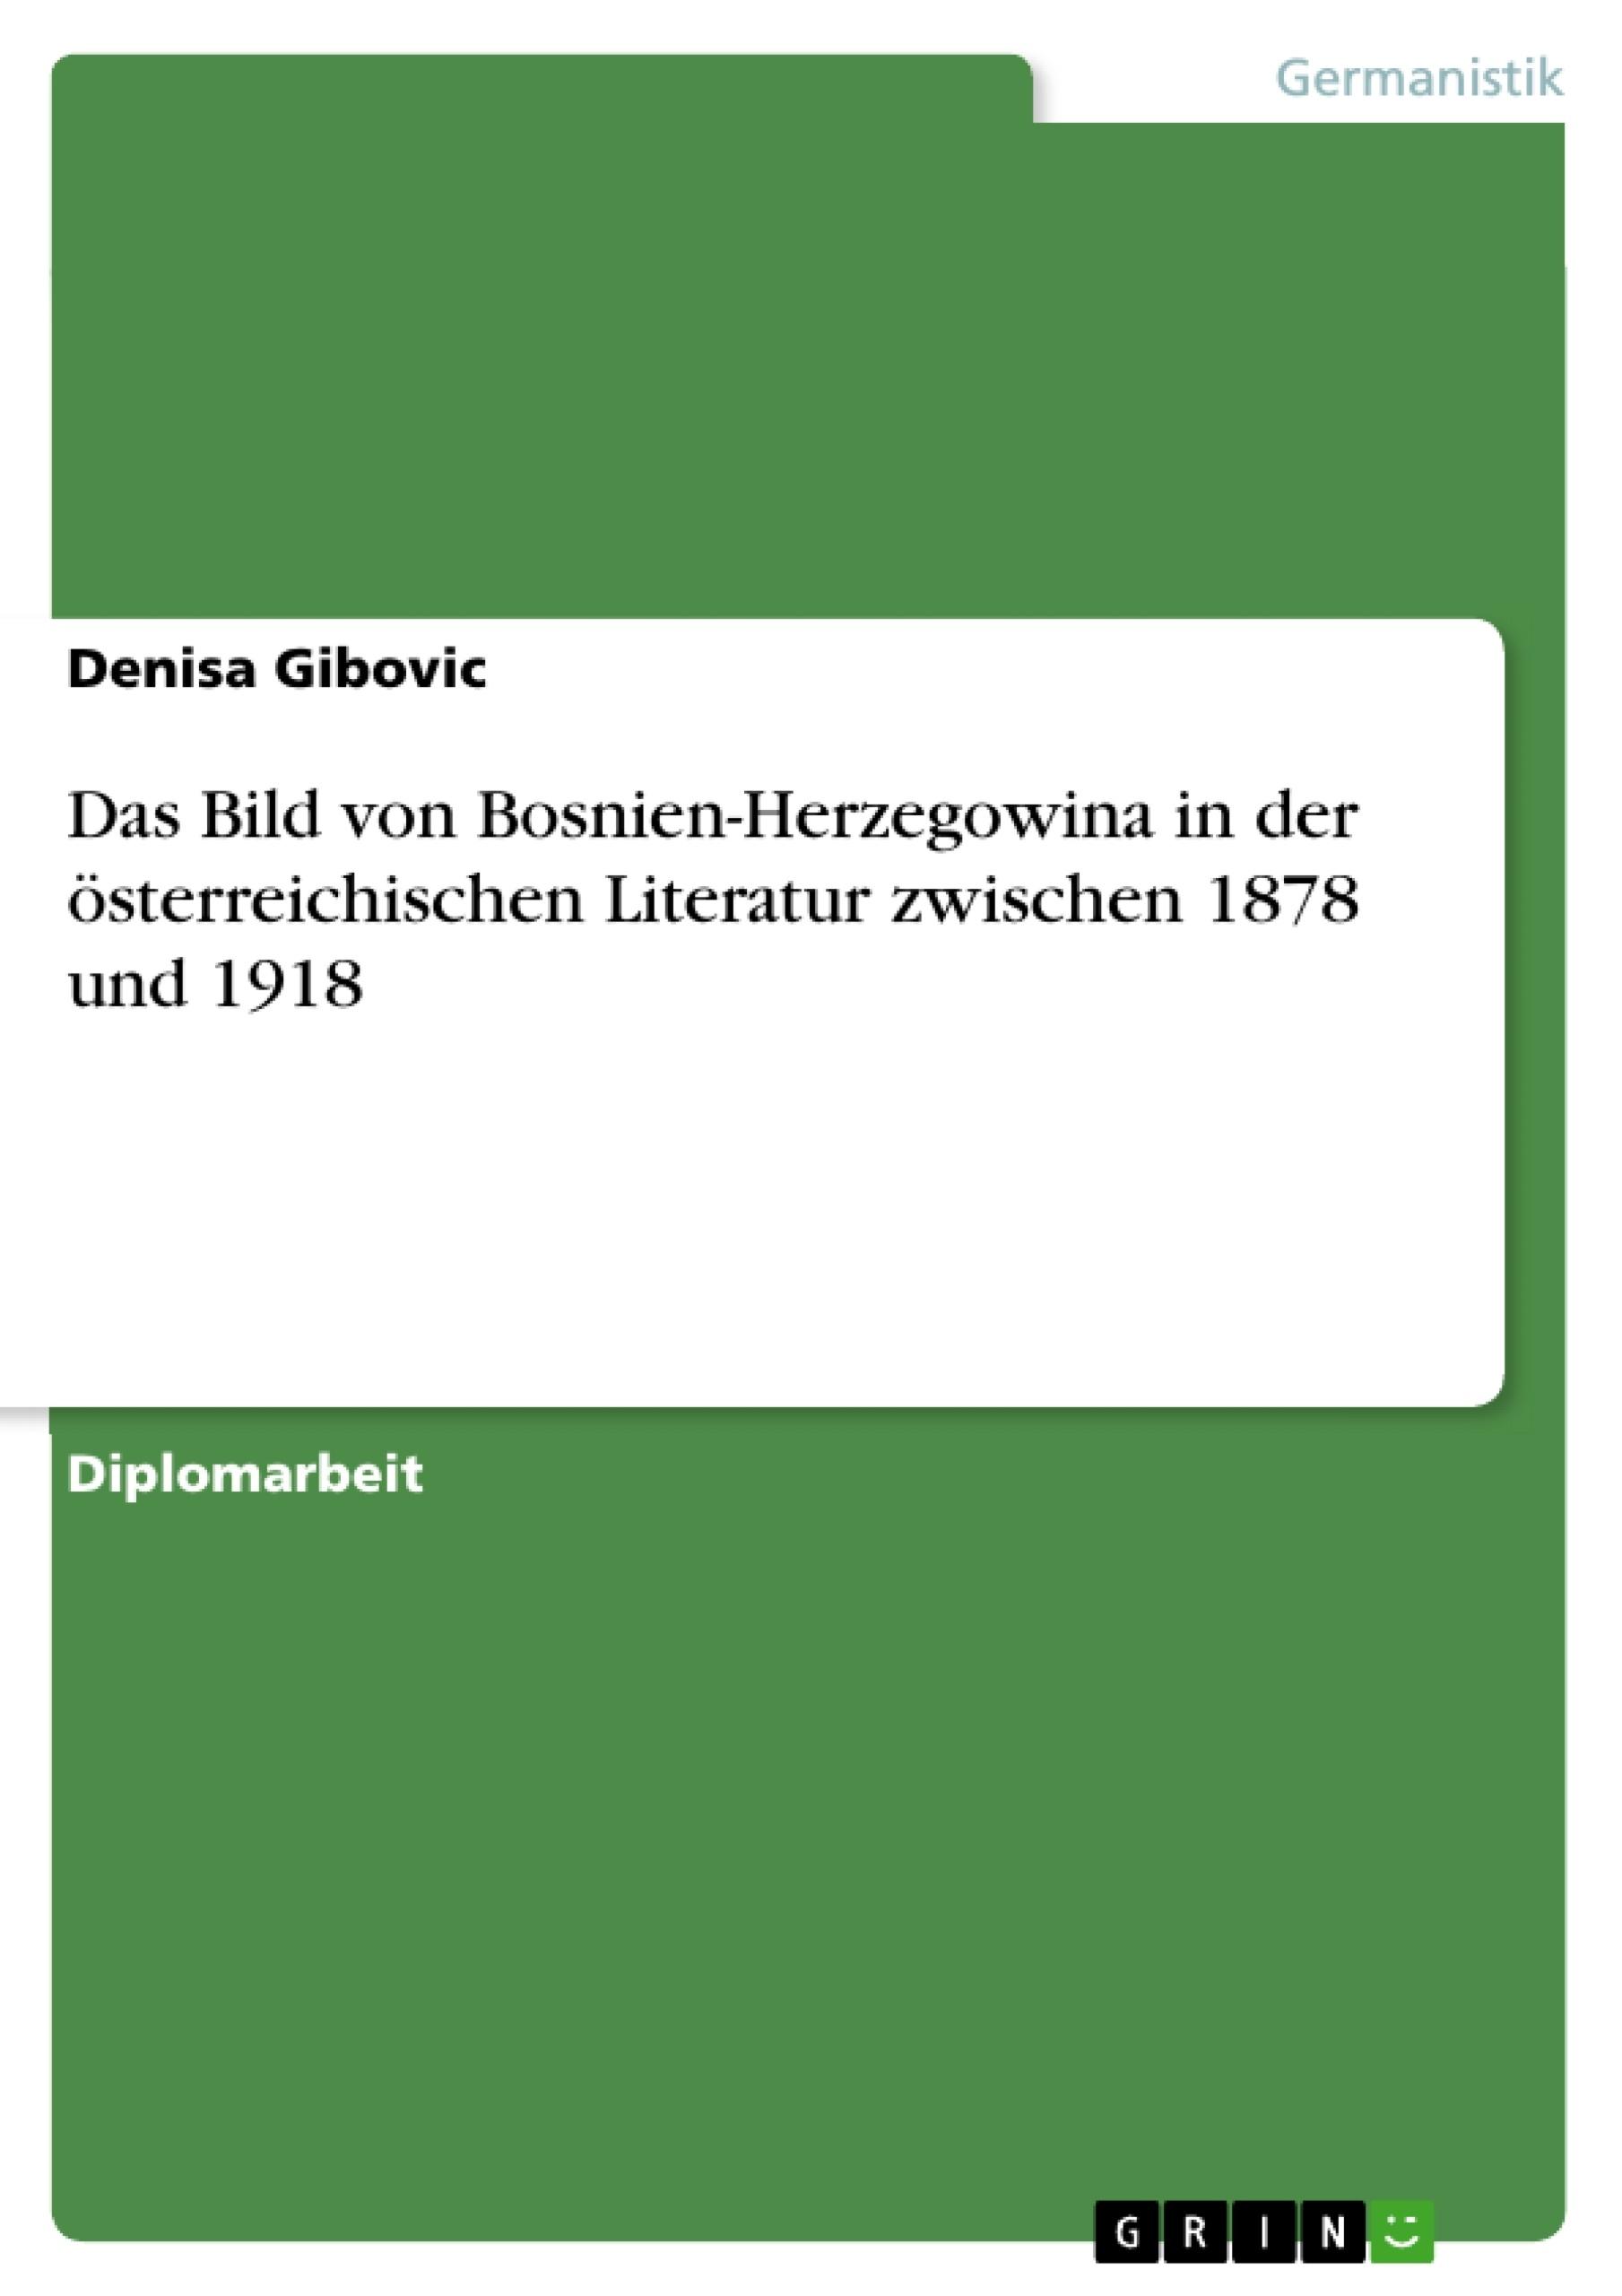 Titel: Das Bild von Bosnien-Herzegowina in der österreichischen Literatur zwischen 1878 und 1918